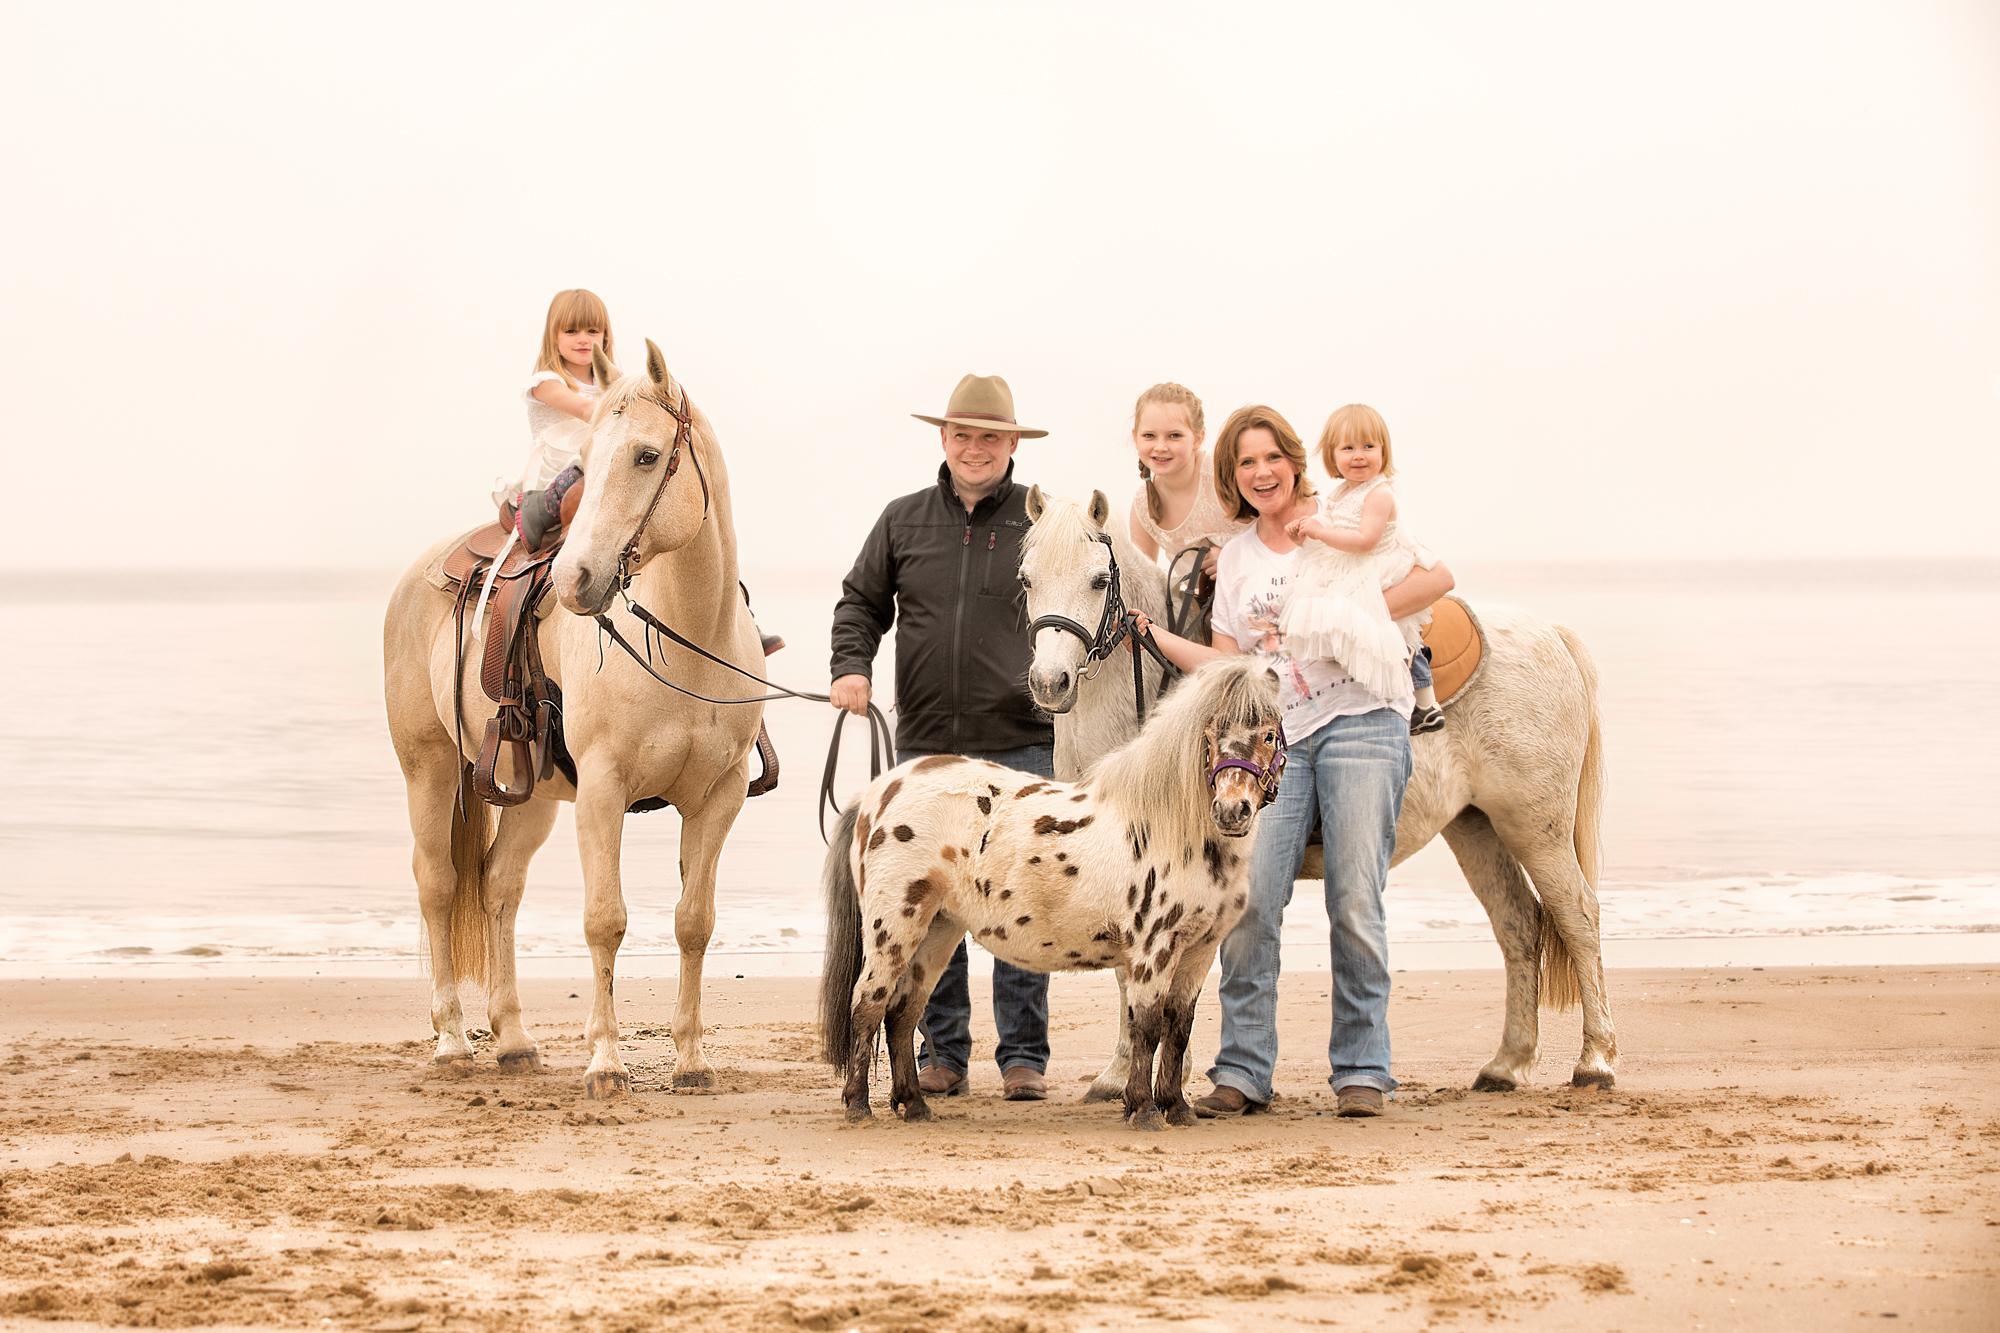 Familie mit Kindern und Pferden am Meer